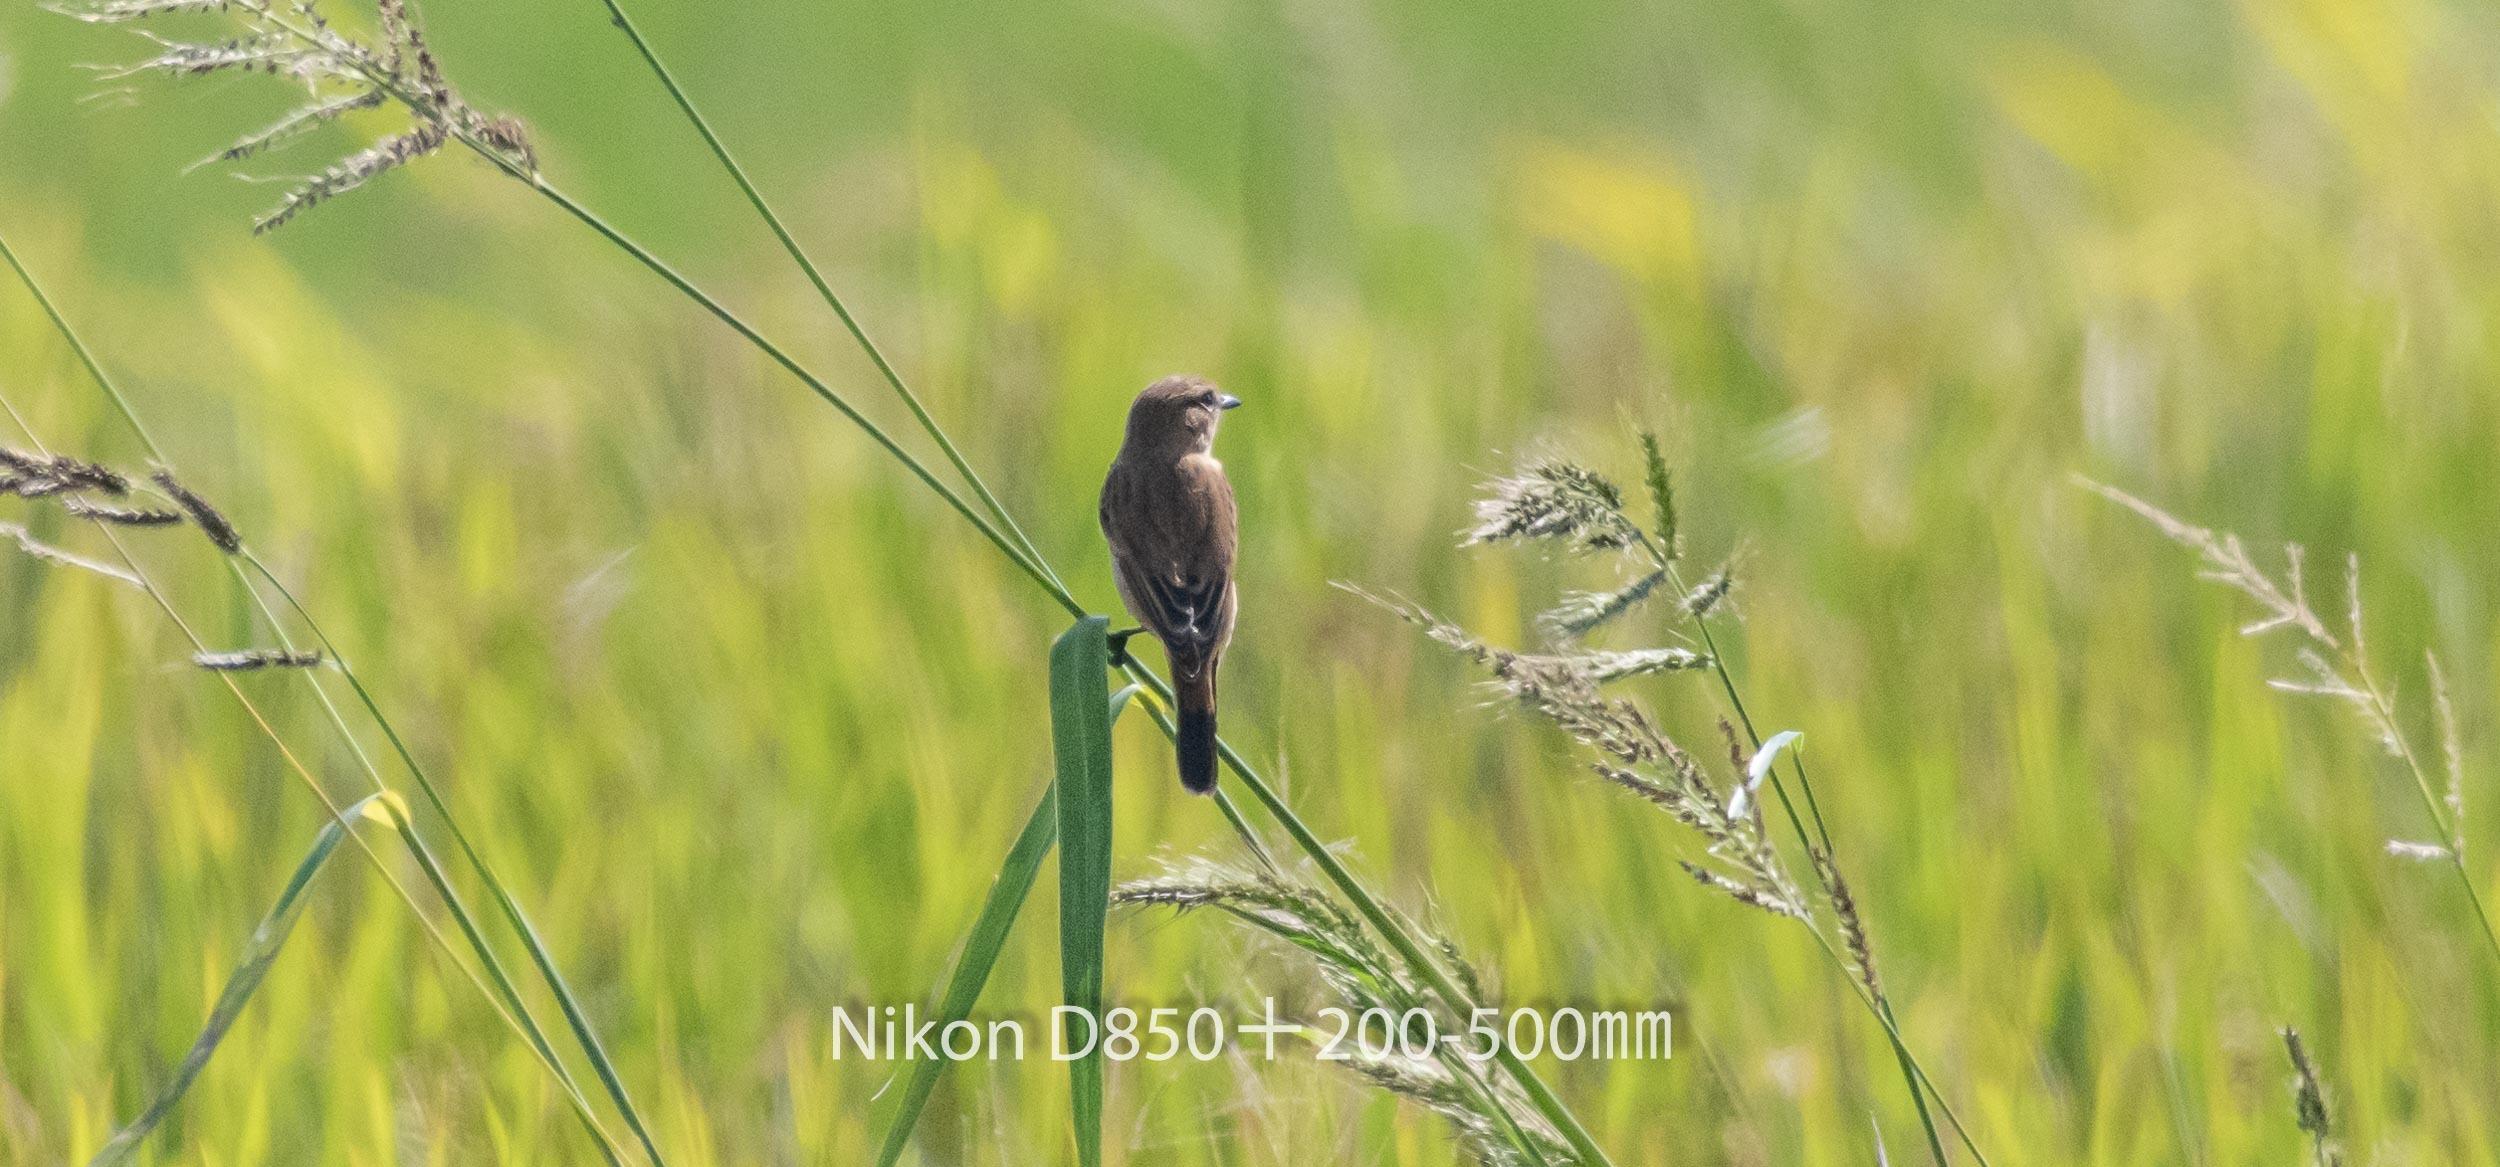 191005 ノビタキ-01 NIKON D850 ISO 1250 500 mm 2488 x 1161